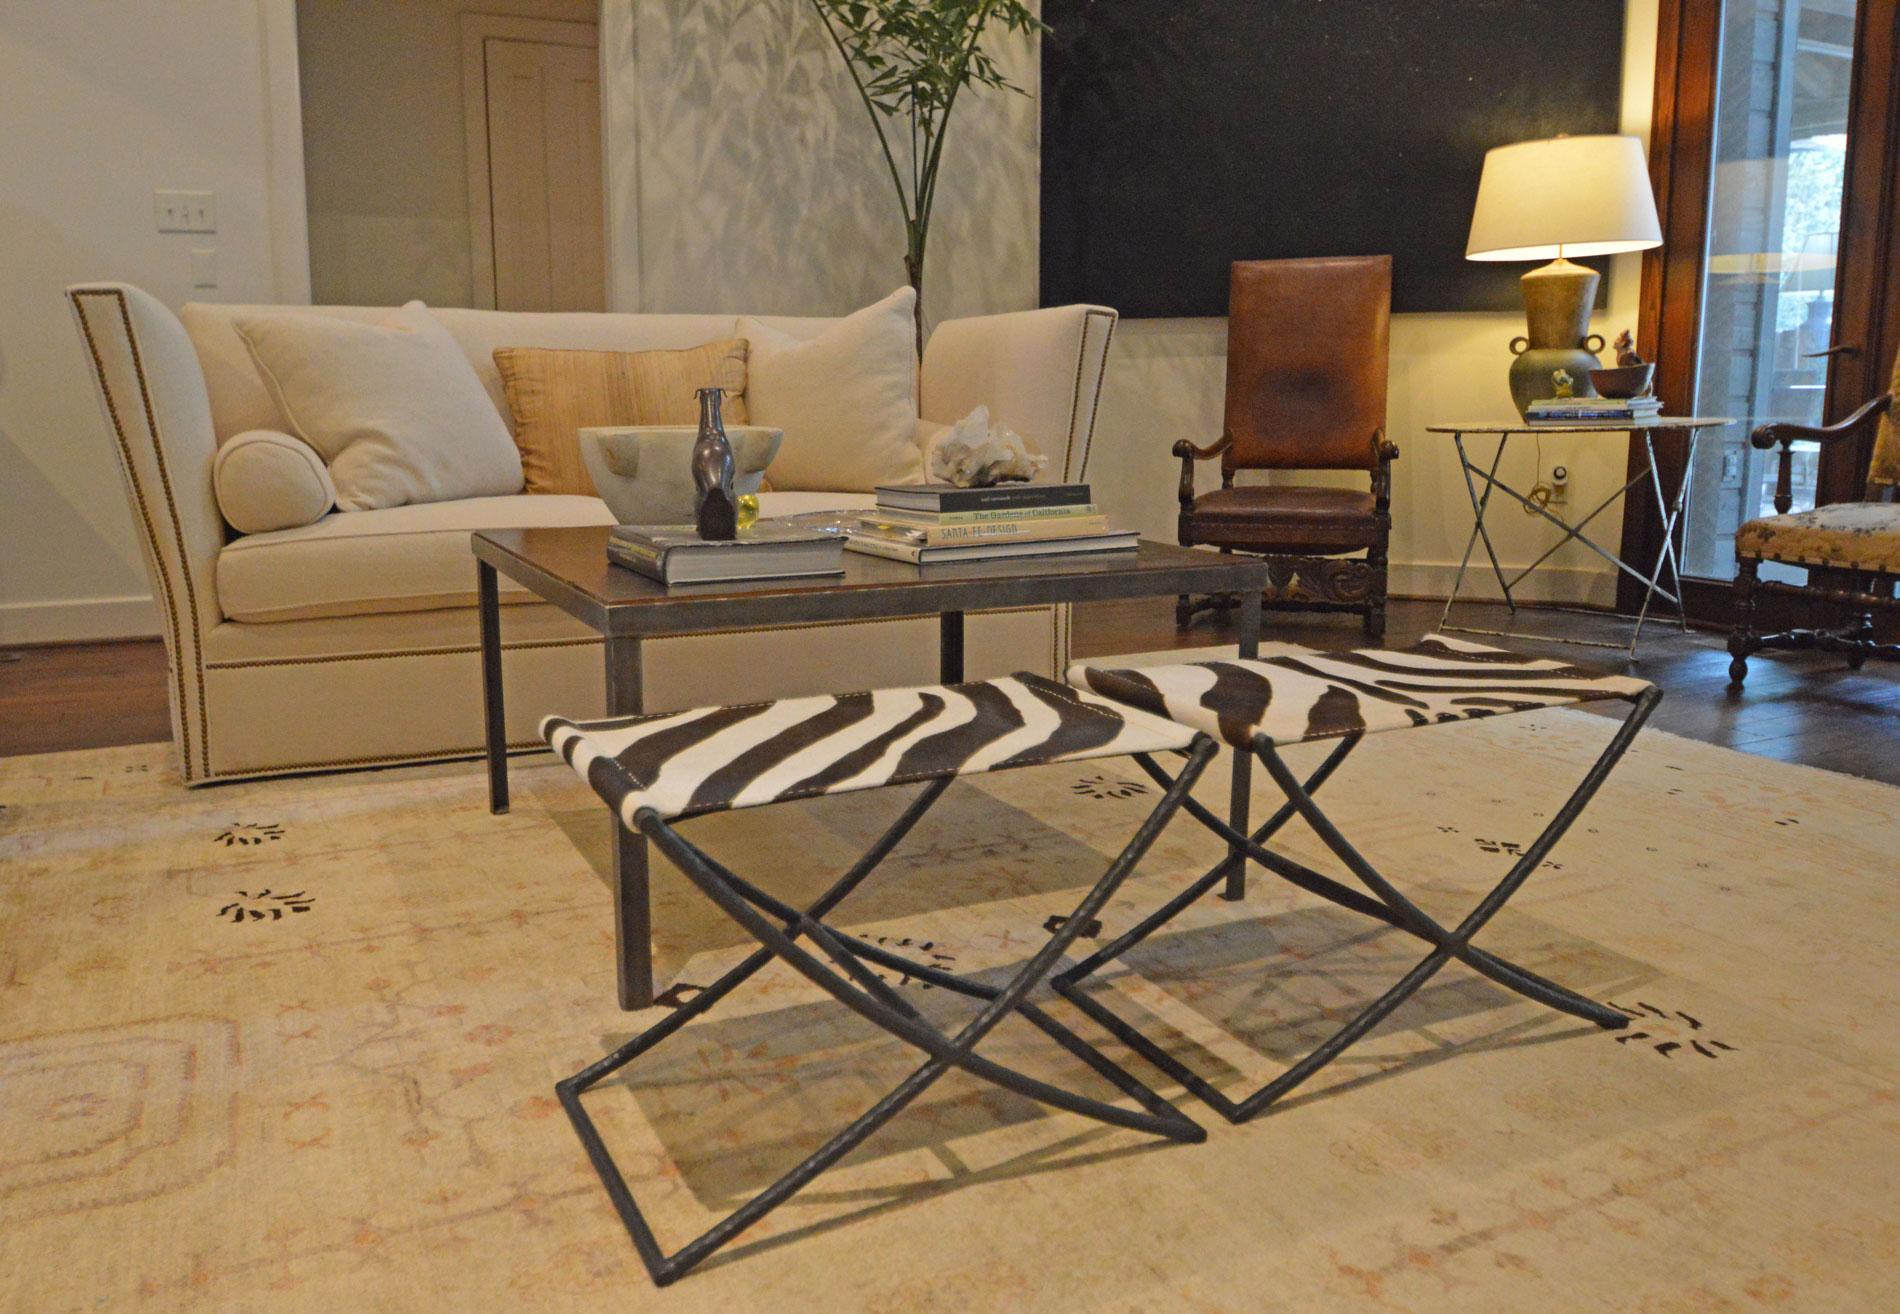 sindel-joel-dixon-smith-interiors-baton-rouge-interior-design-custom-furniture-web-0003